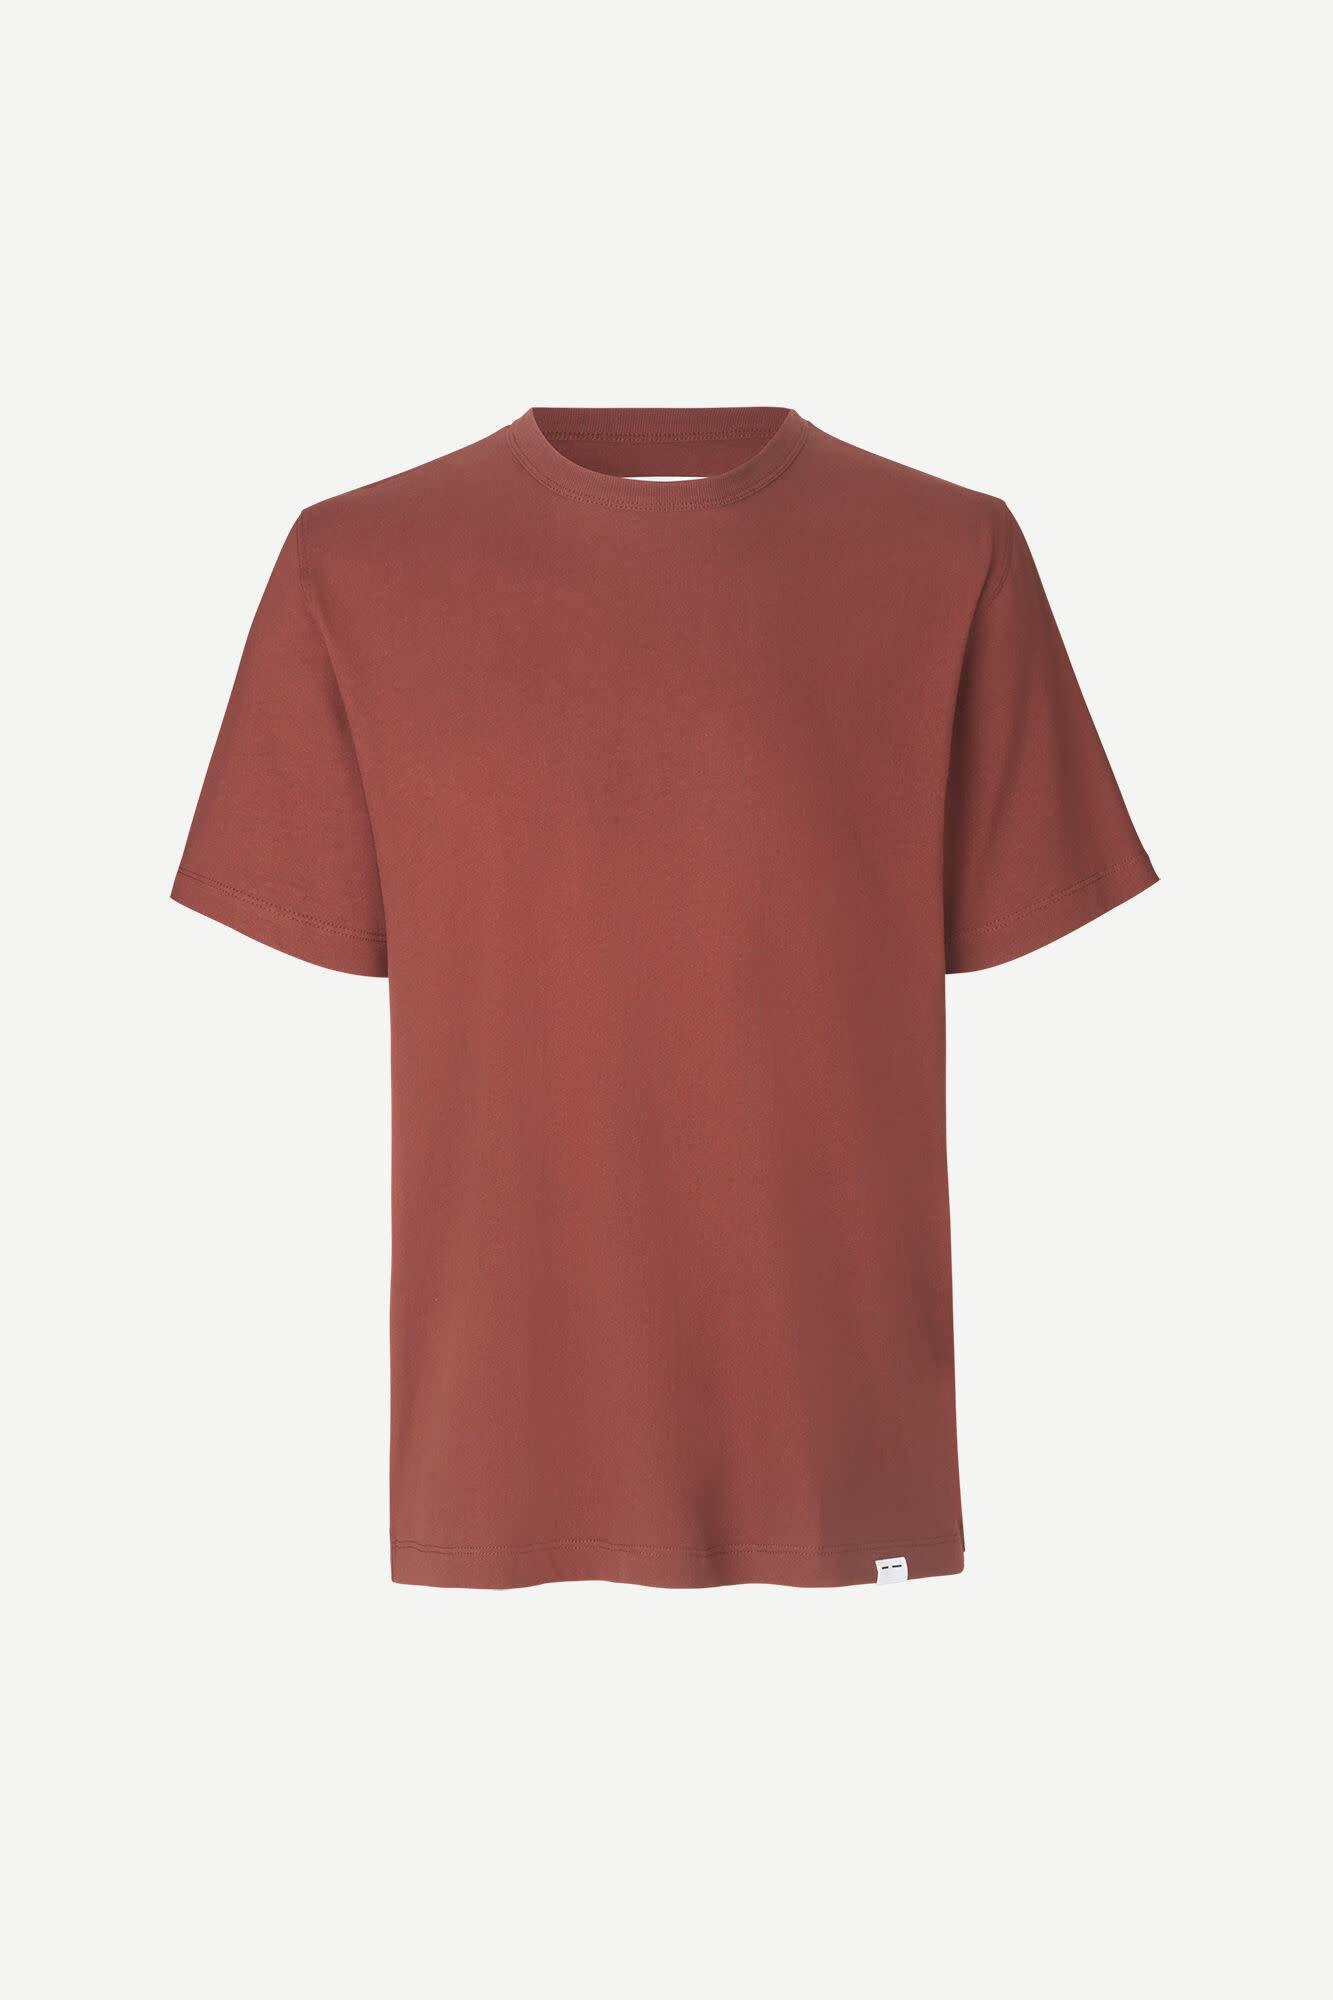 Hugo T-Shirt Cinnamon Brown 11415-1